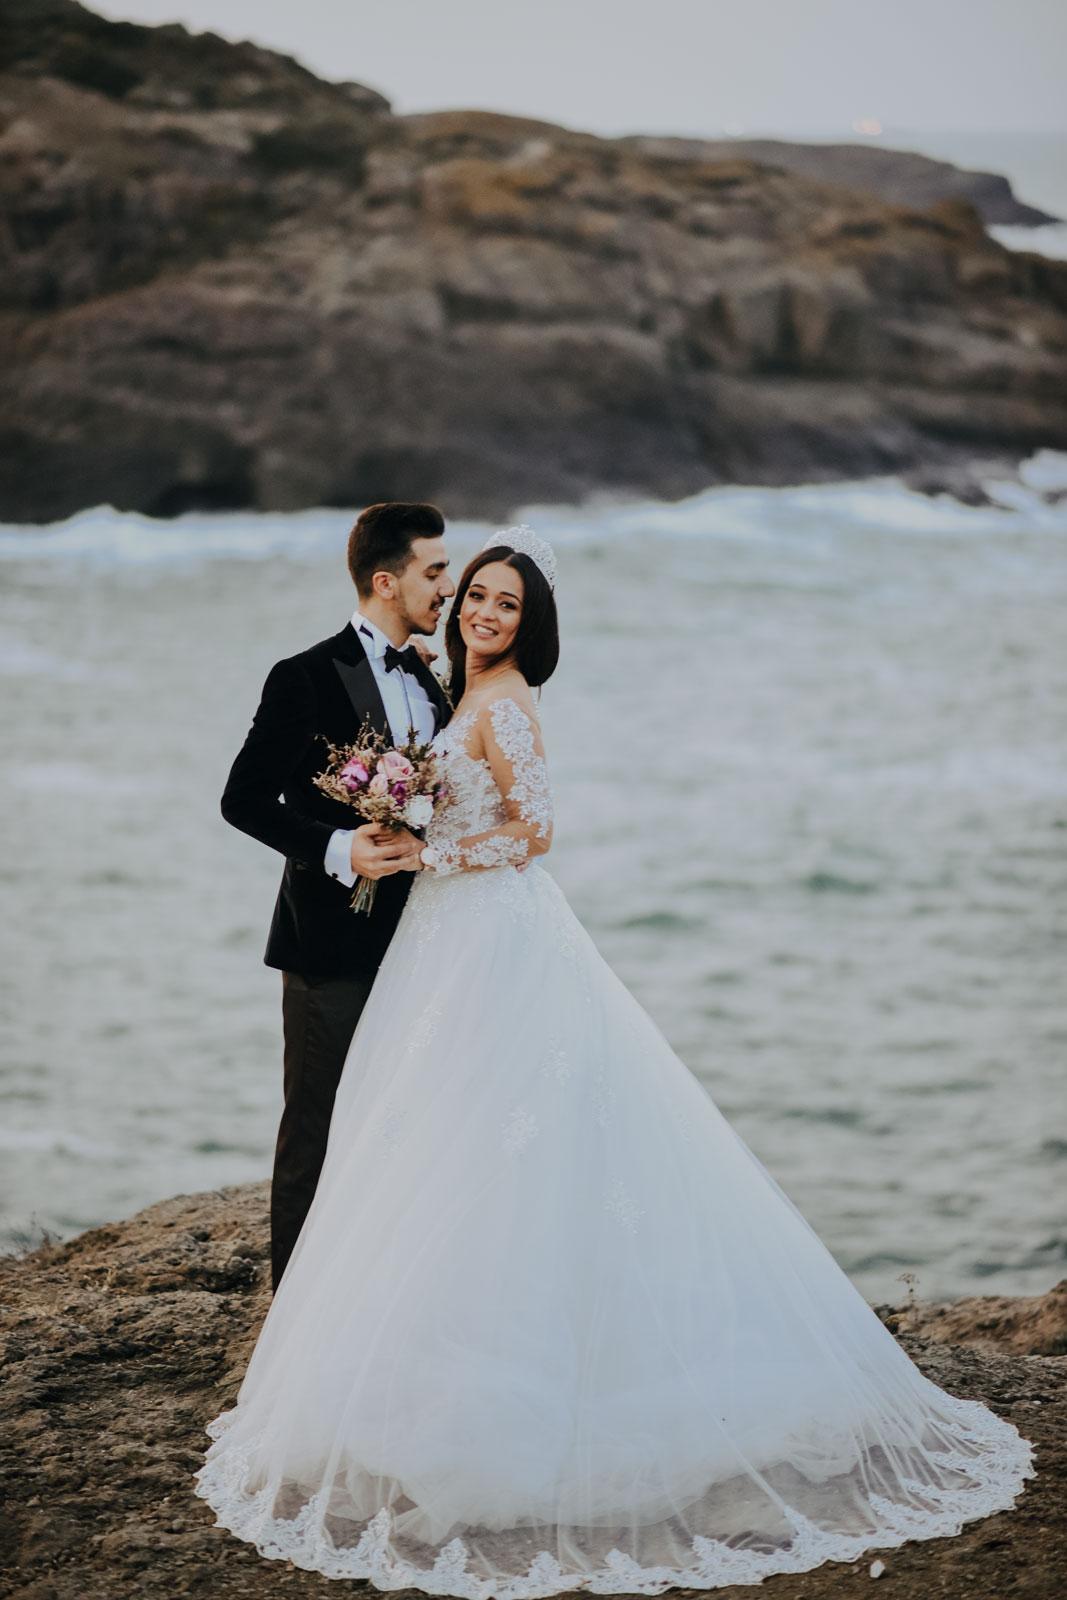 Rumelifeneri garipçe köy düğün,nişan fotoğraf çekimi düğün fotoğrafçisi